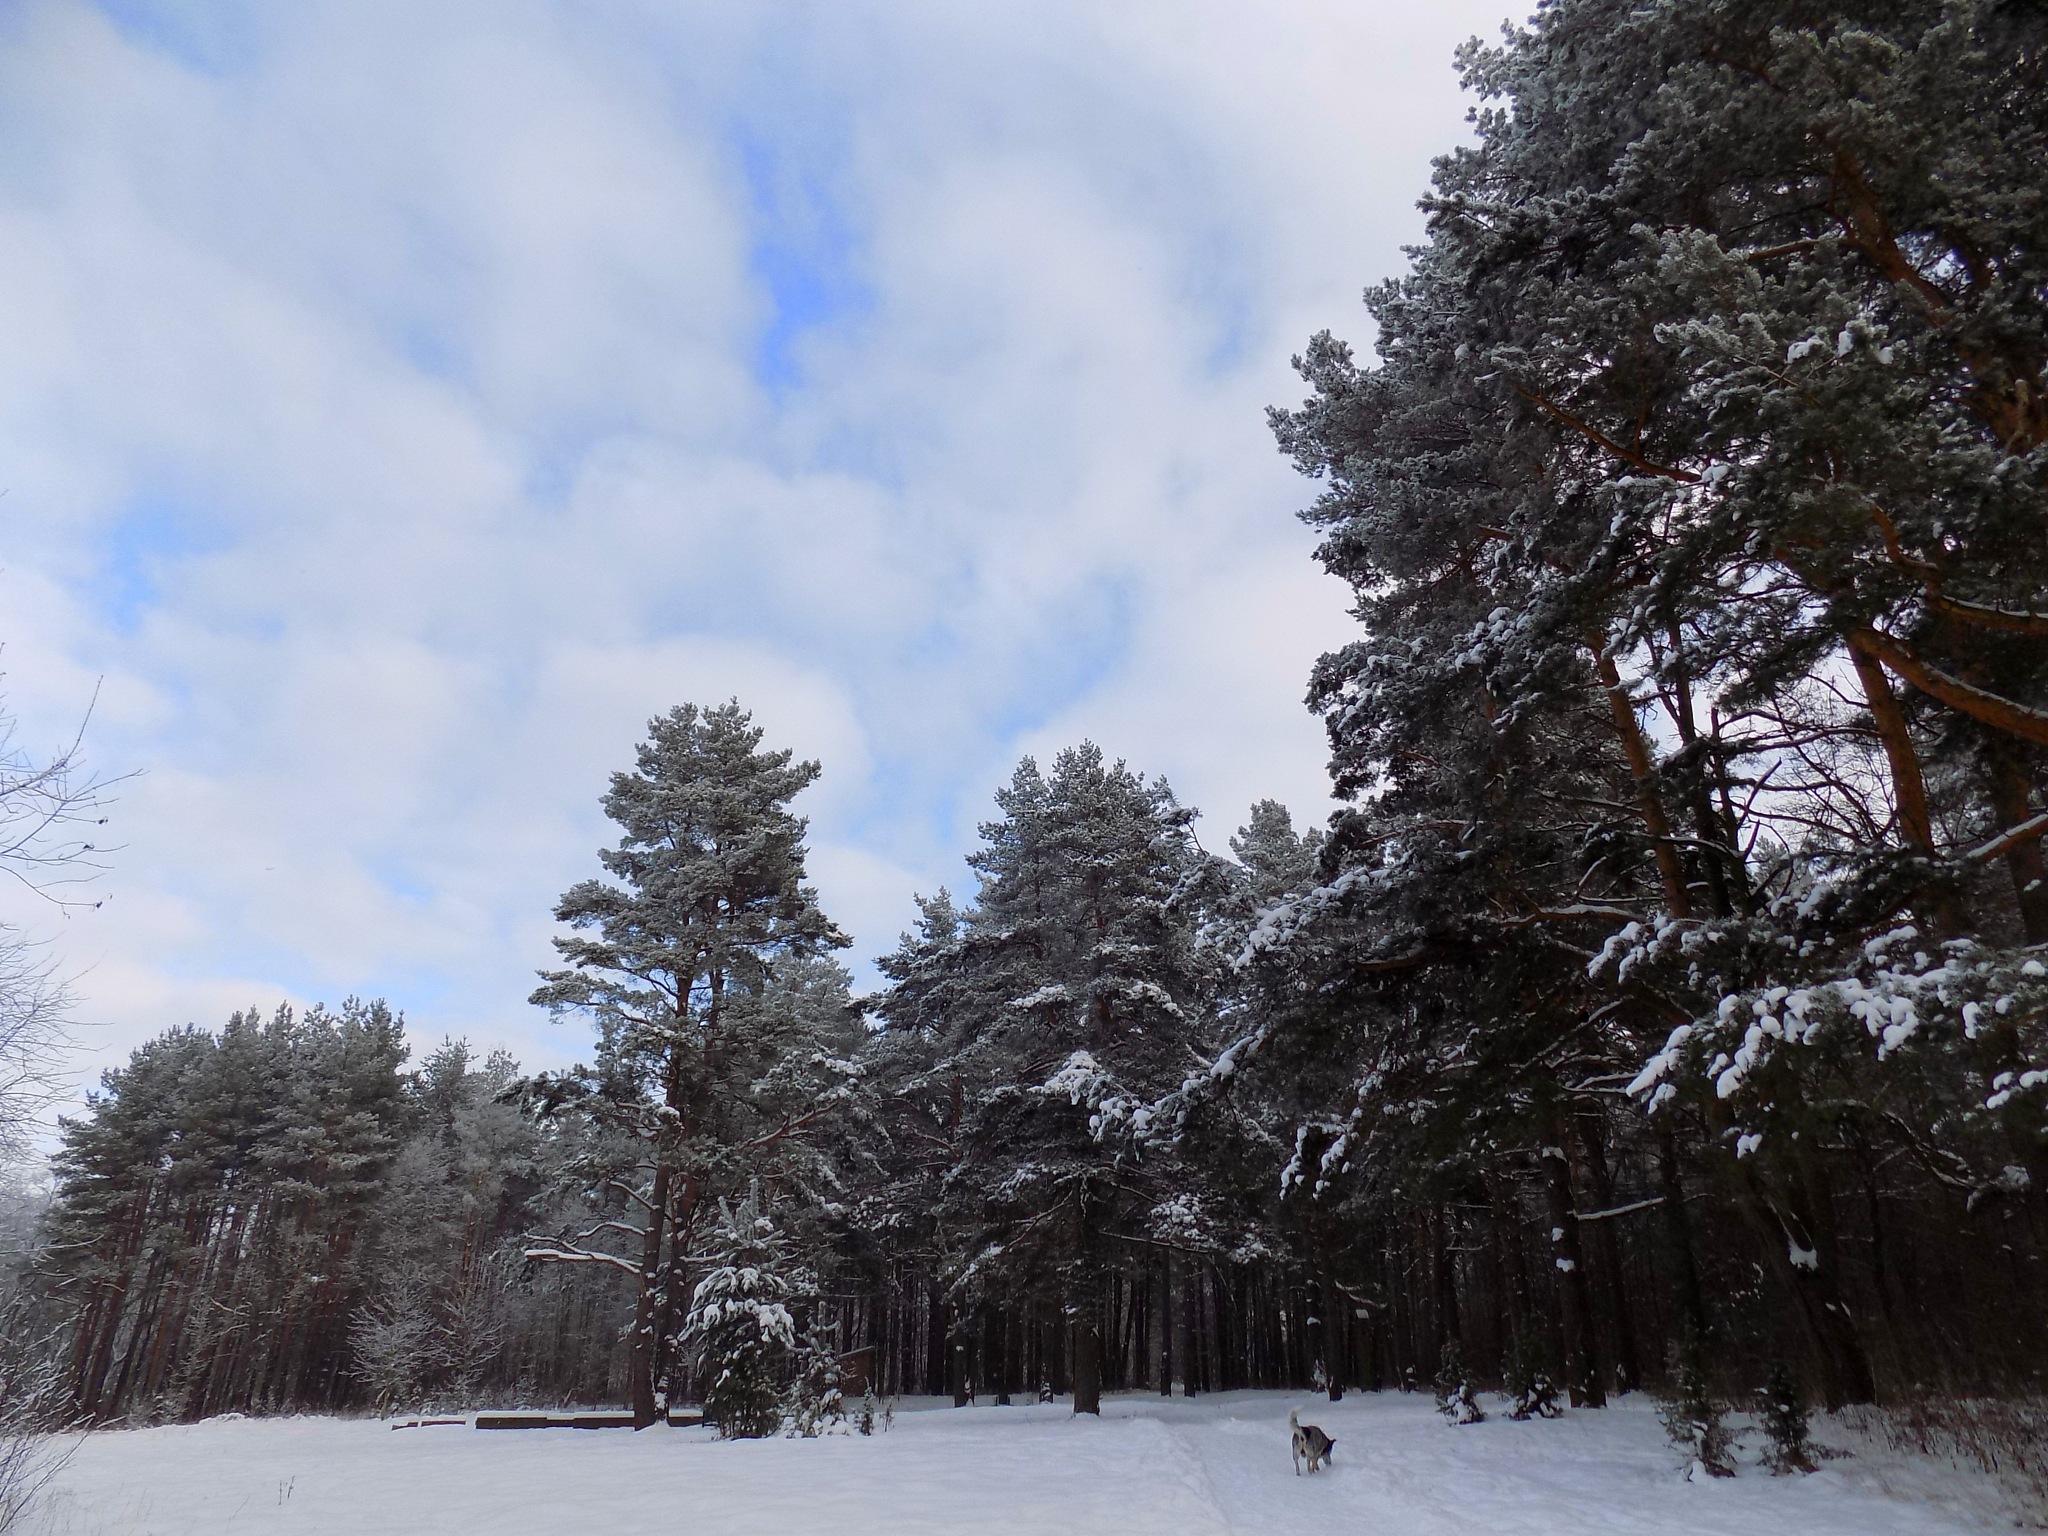 Forest in winter by uzkuraitiene62